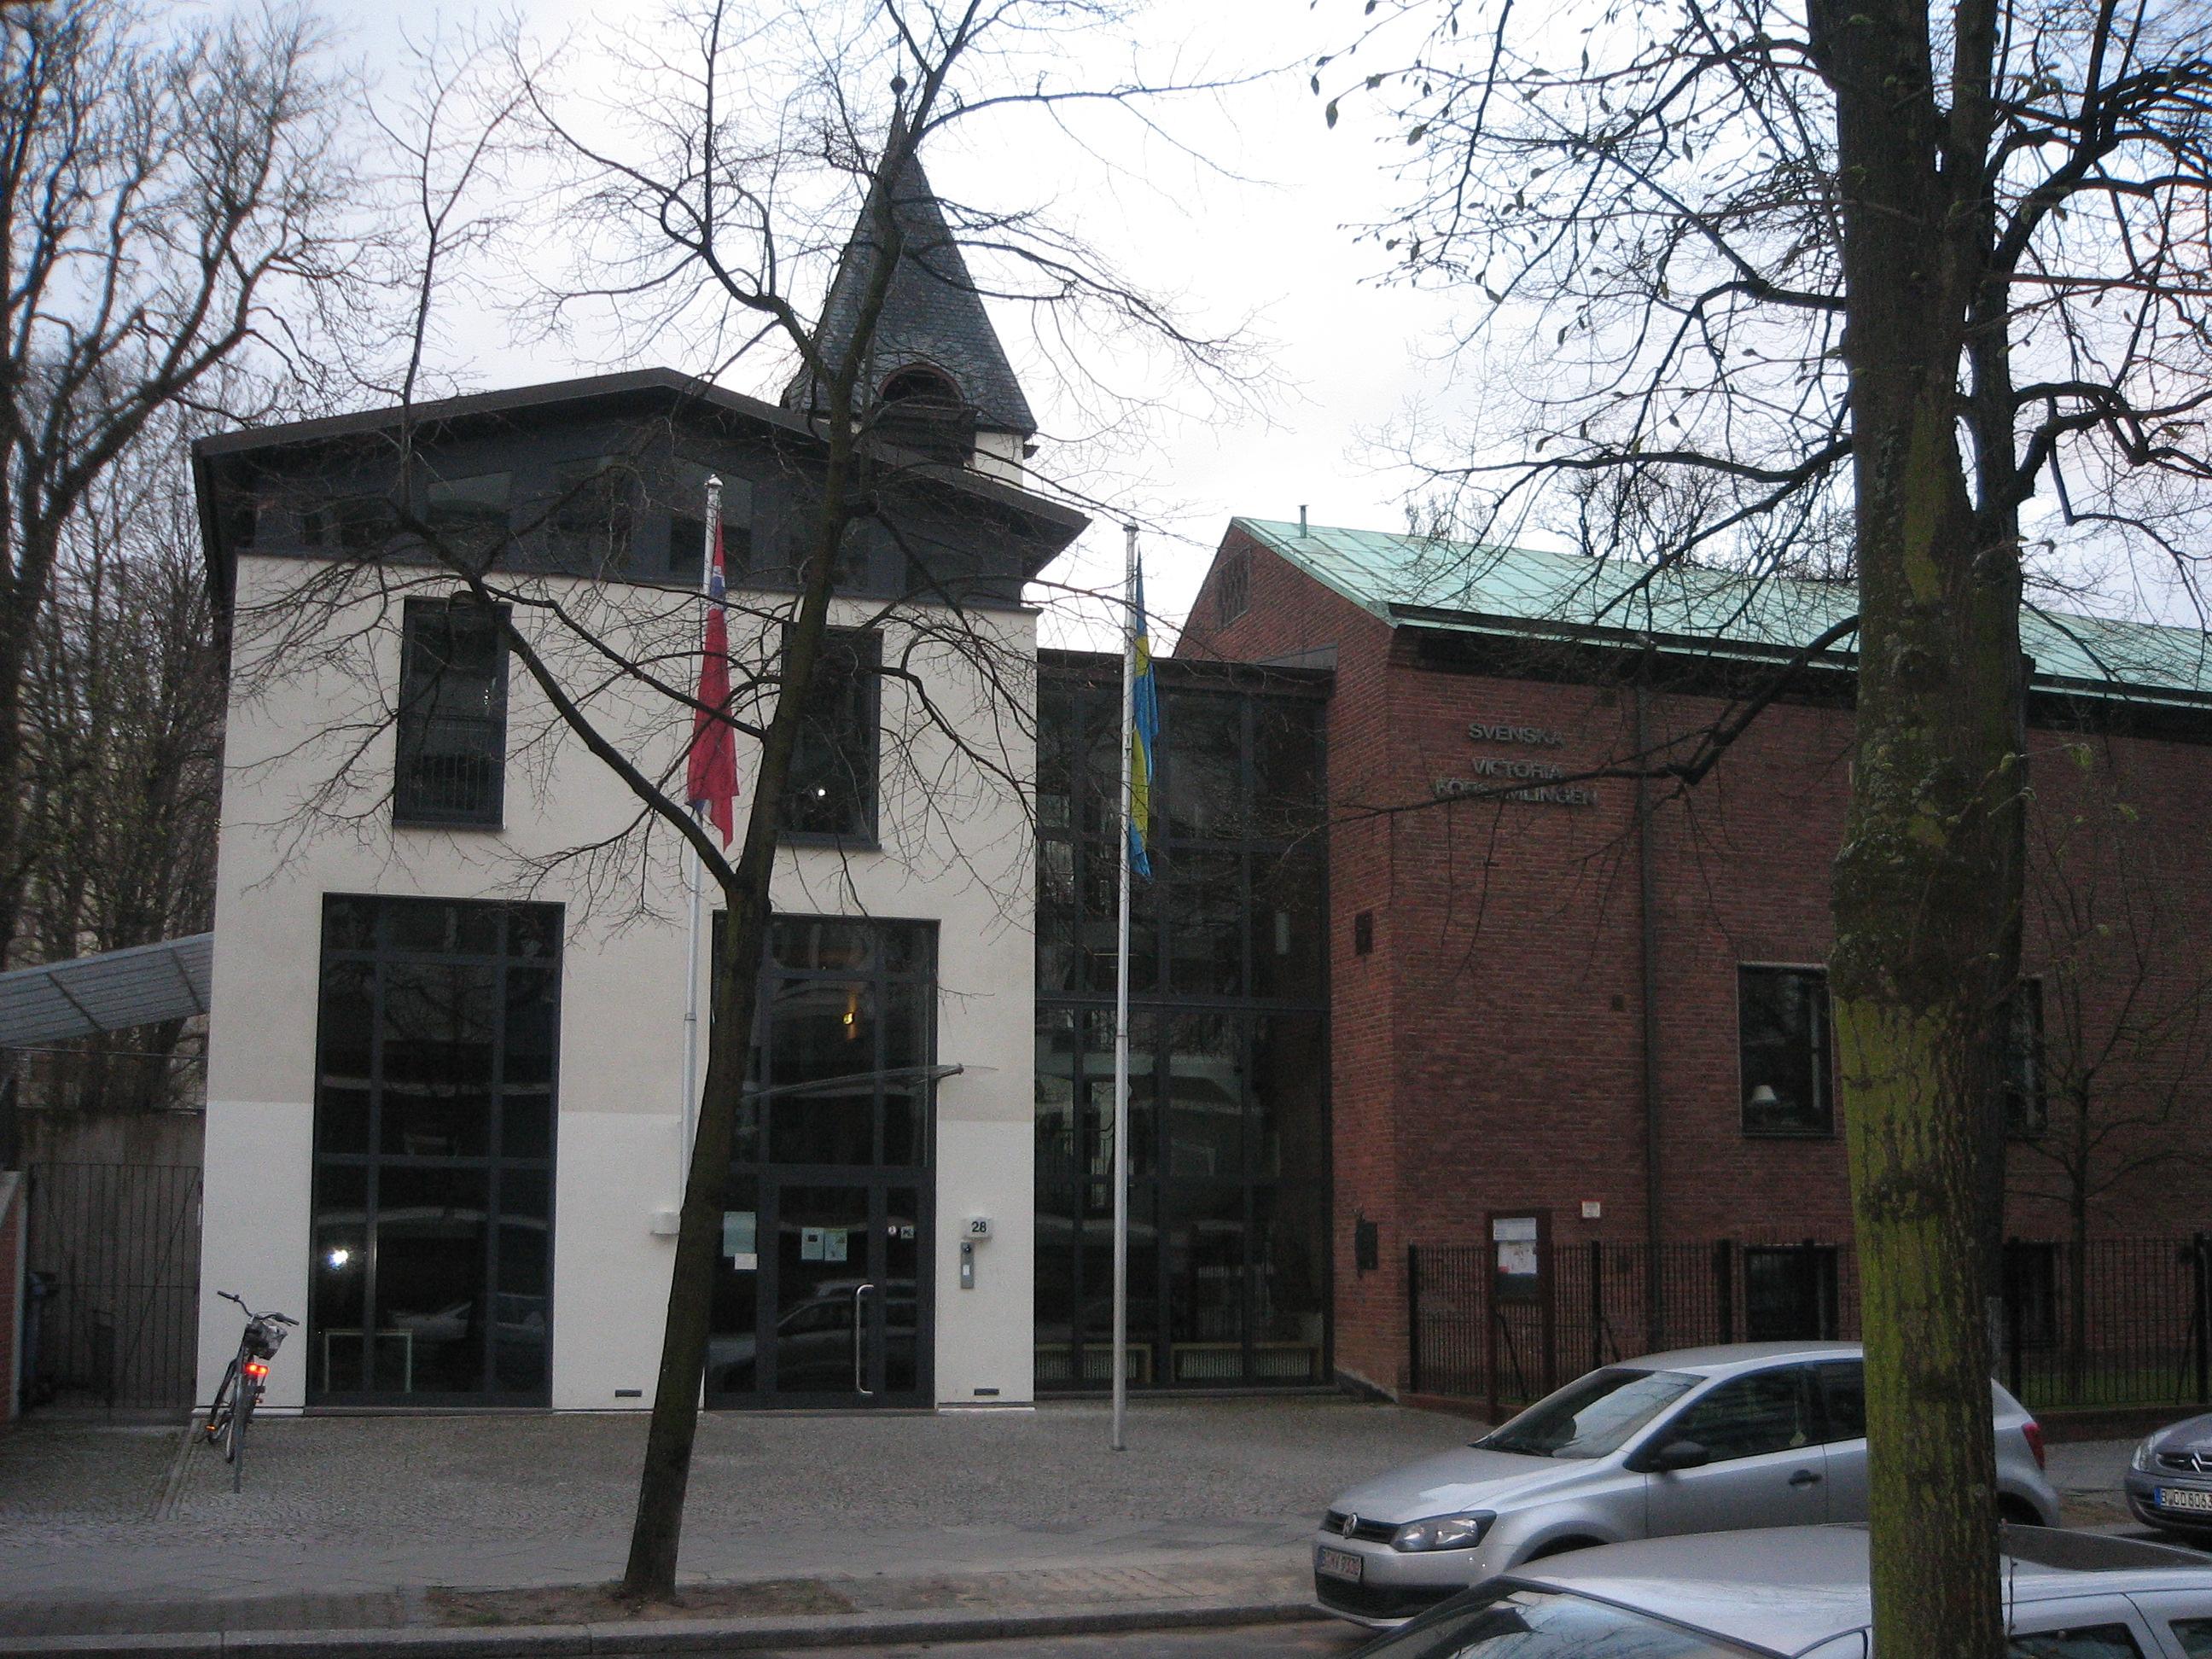 Svenska kyrkan dating